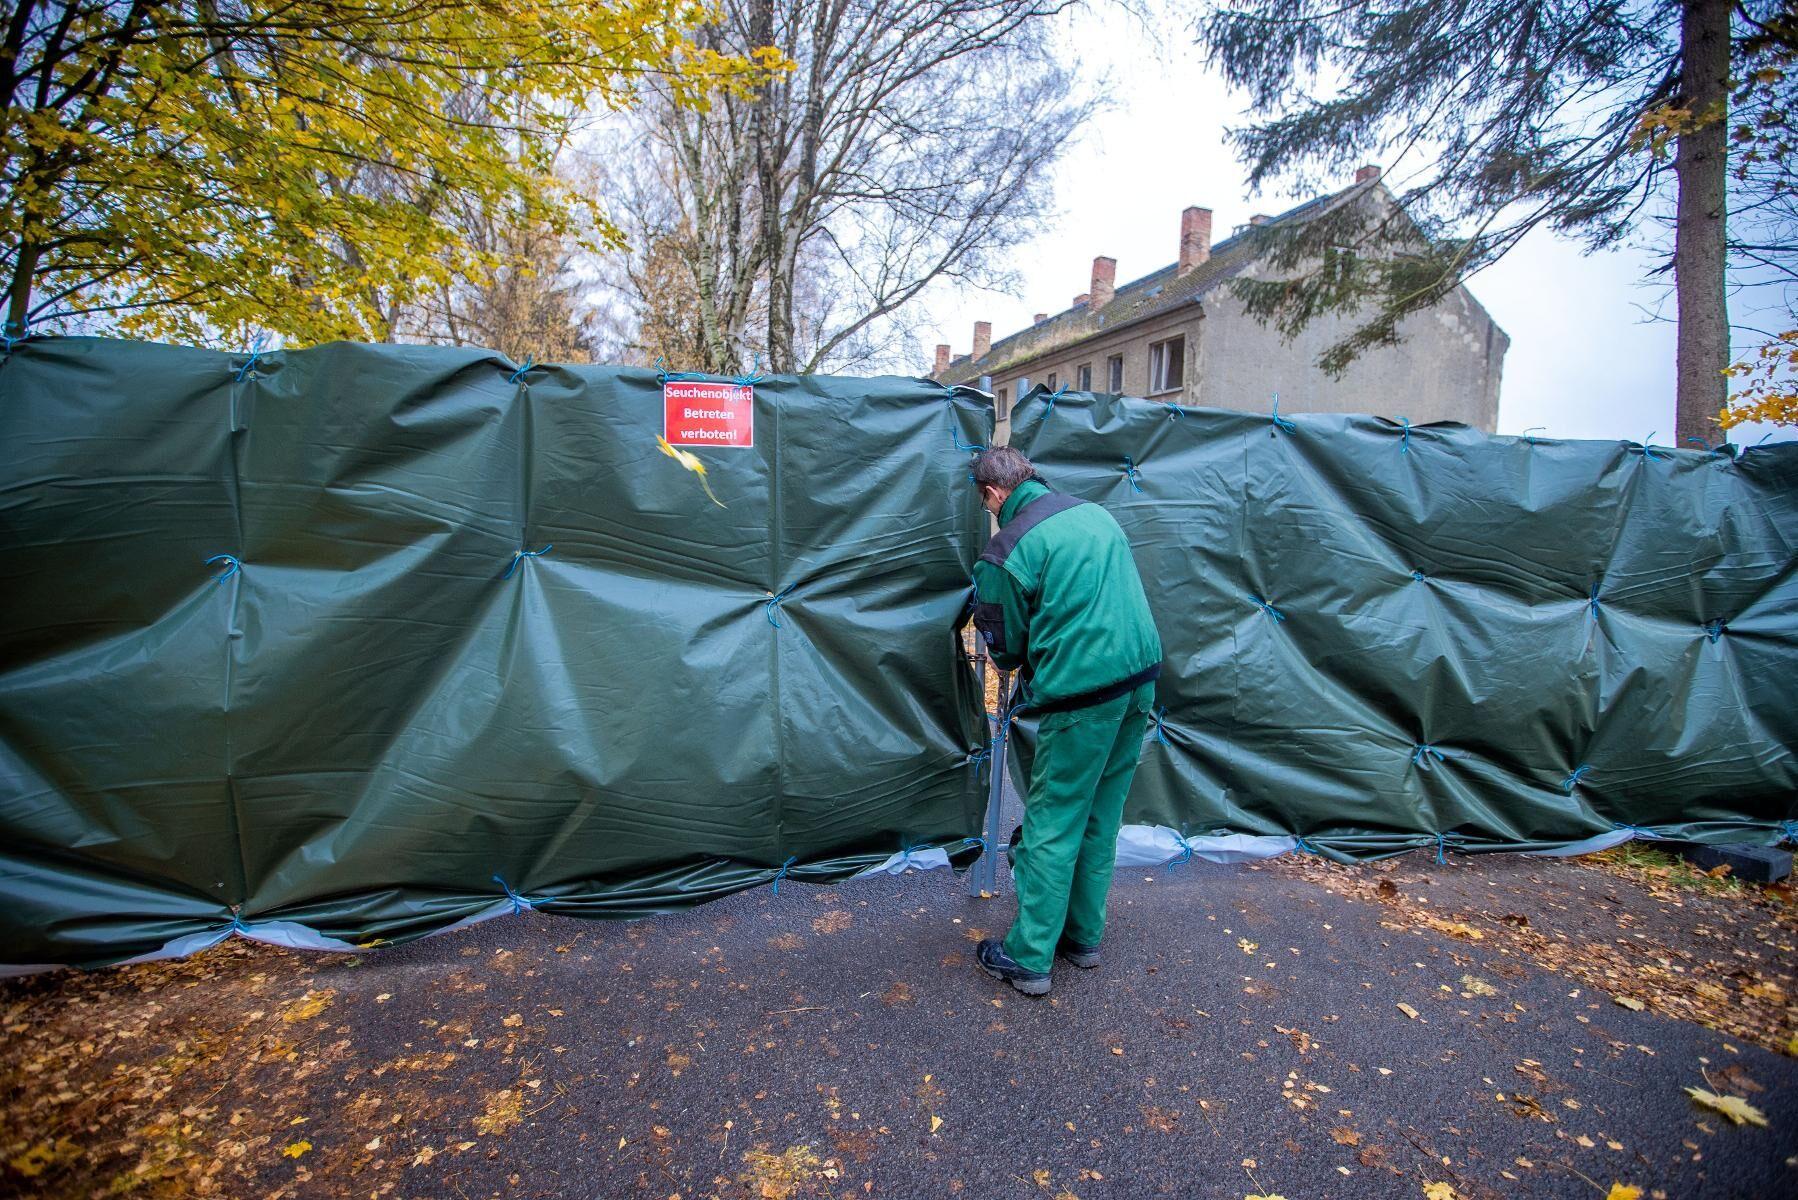 Stängslet runt en hönsuppfödning utanför Rostock i nordöstra Tyskland förstärks med en presenning efter ett utbrott av fågelinfluensa i mitten på november.